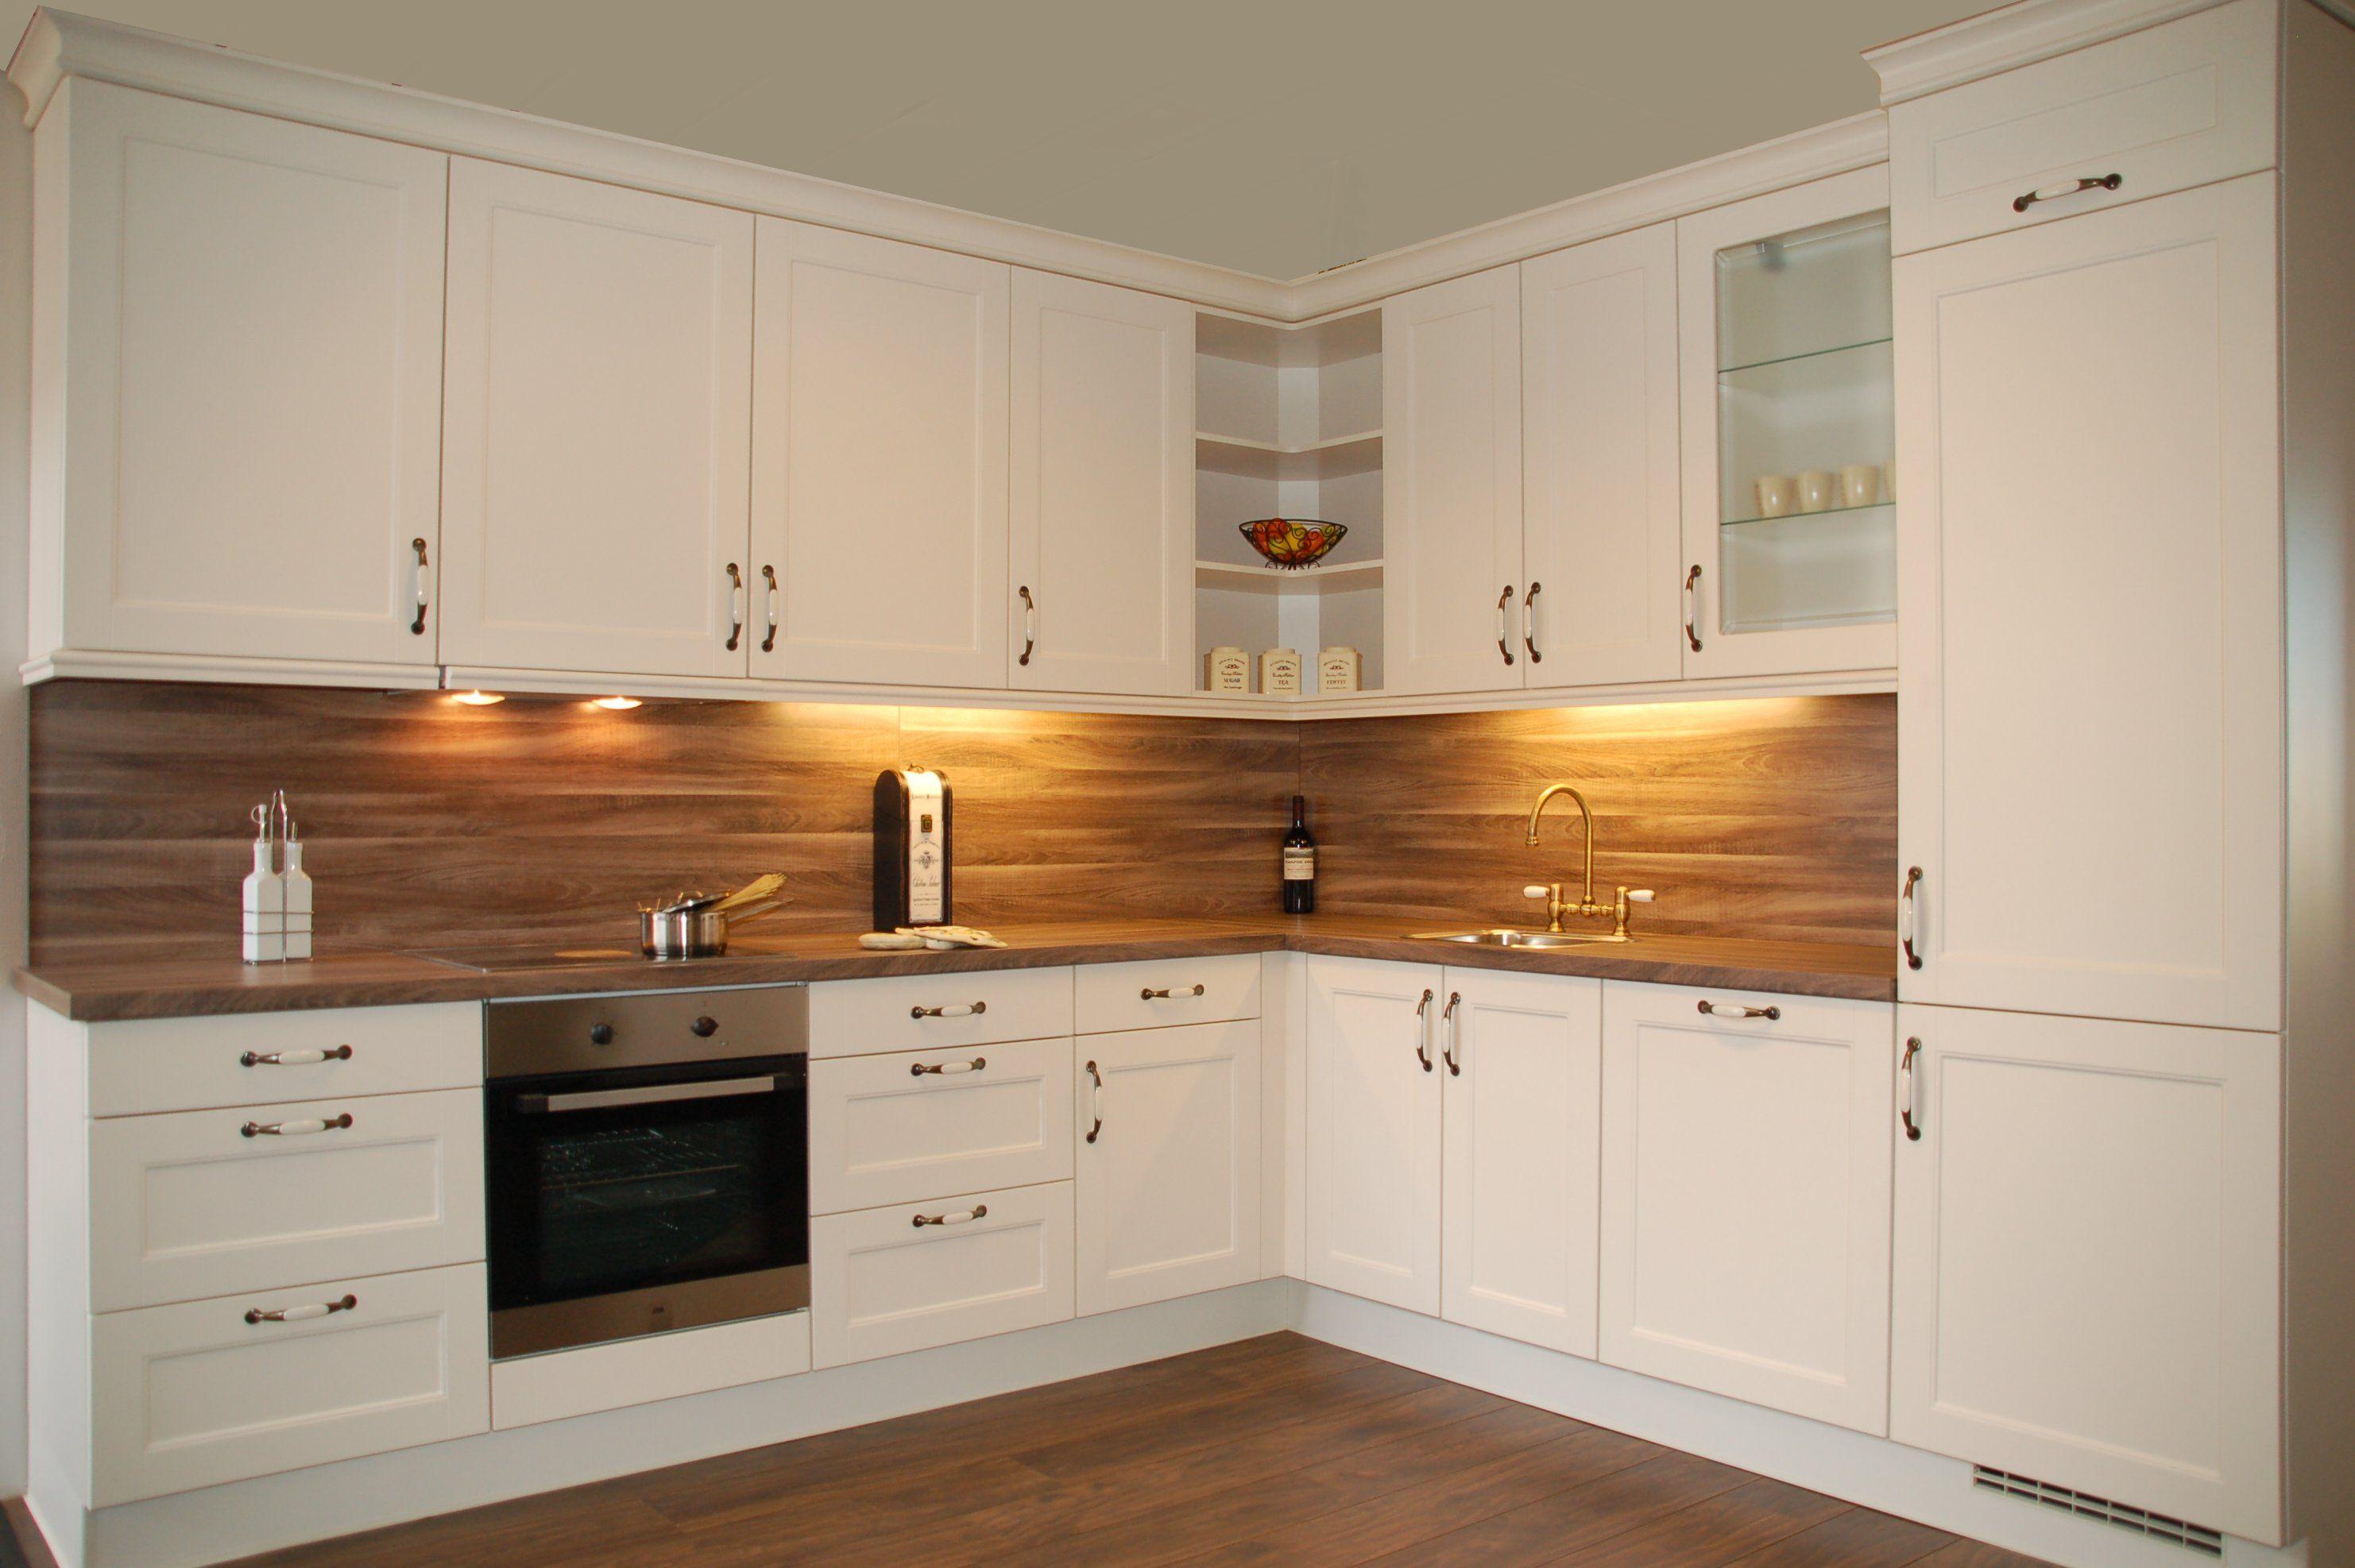 Keuken Kleur Magnolia : keukens voor zeer lage keuken prijzen Lucca Magnolia [39827